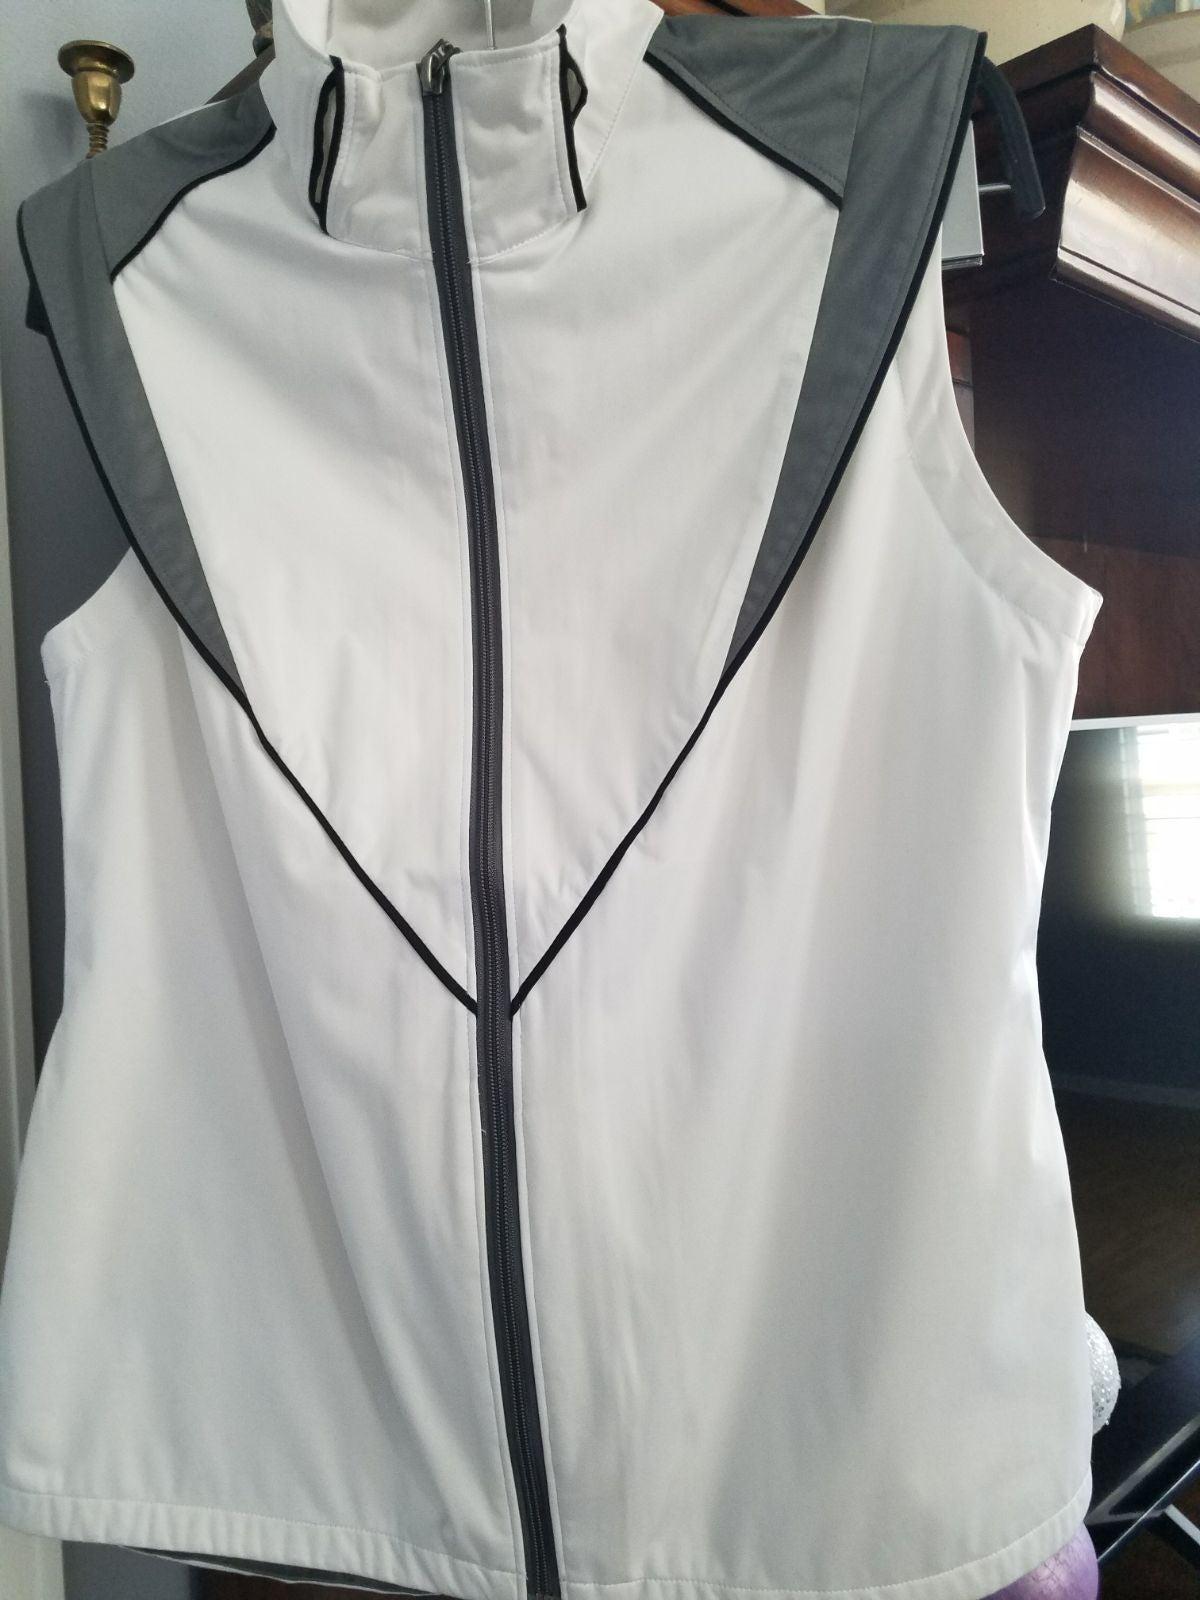 Women's Calloway vest size Large